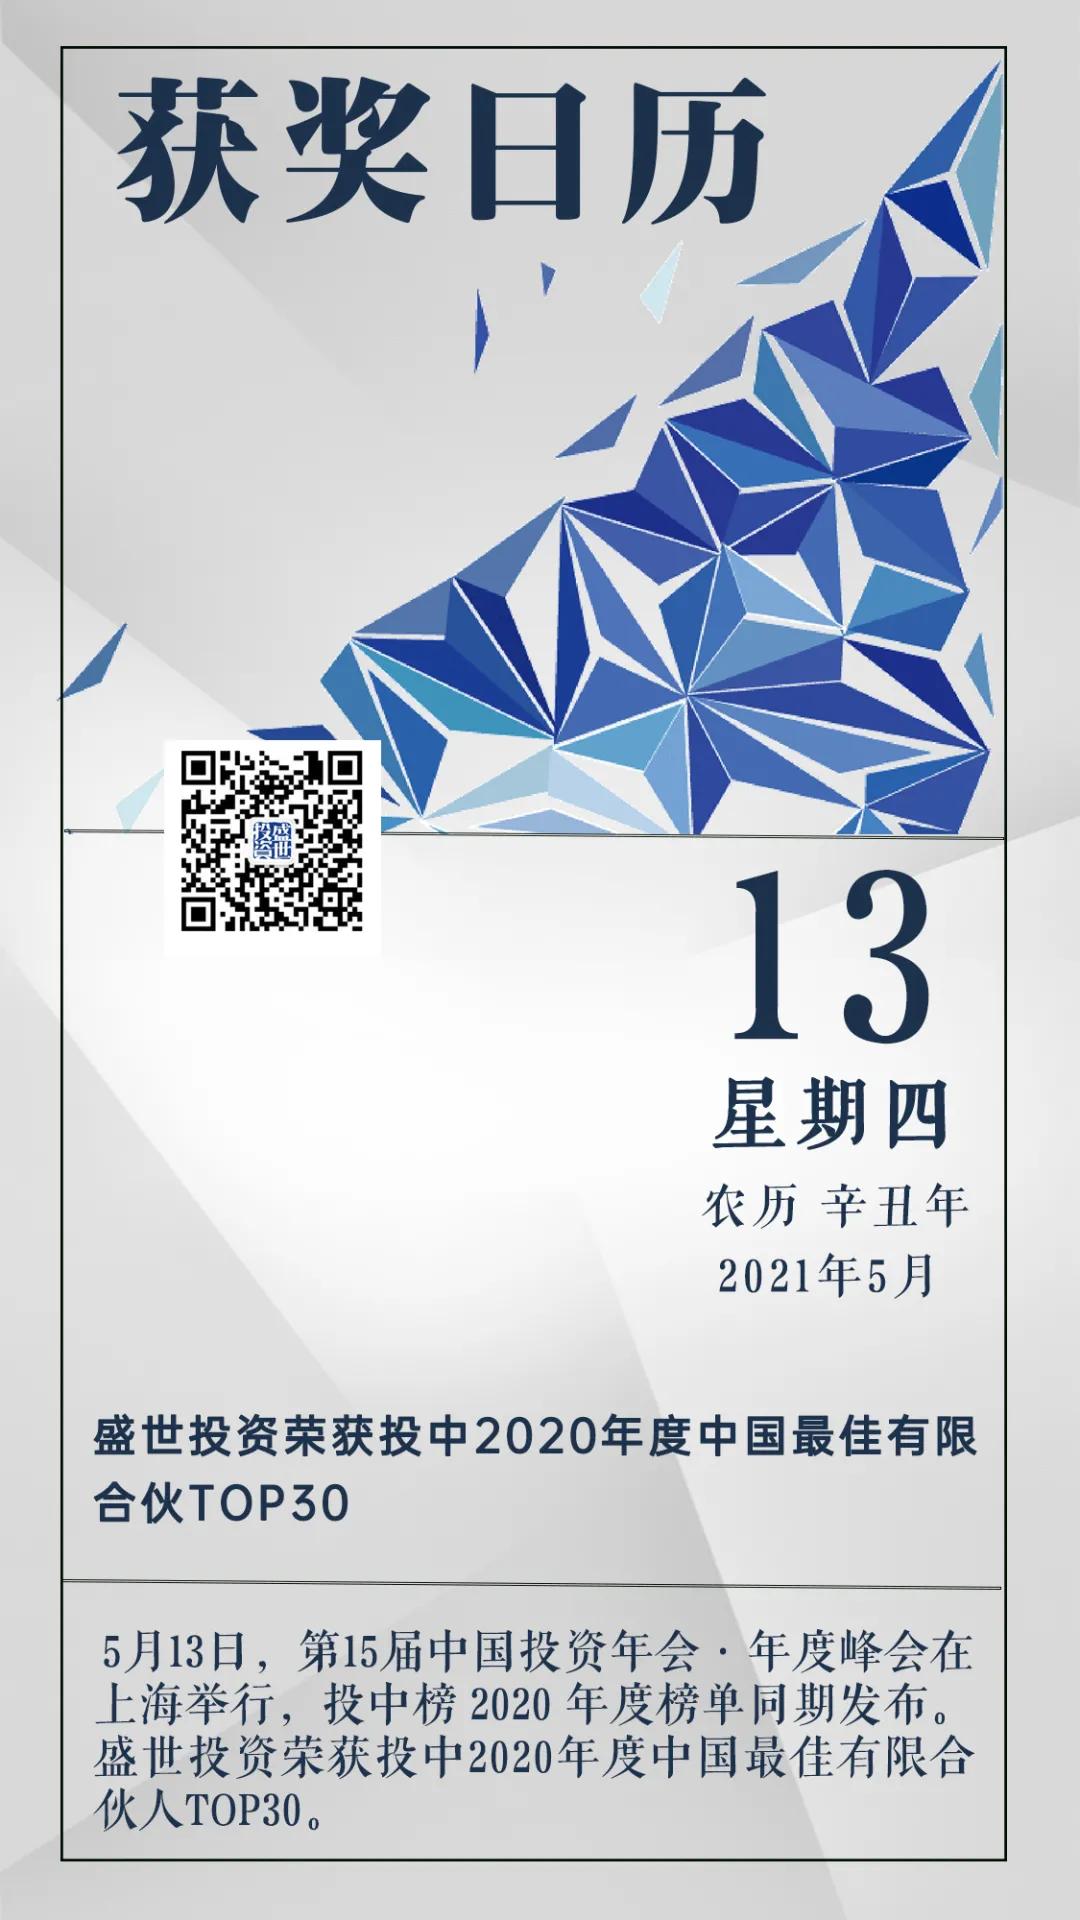 盛世投资荣获投中2020年度中国最佳有限合伙人TOP30